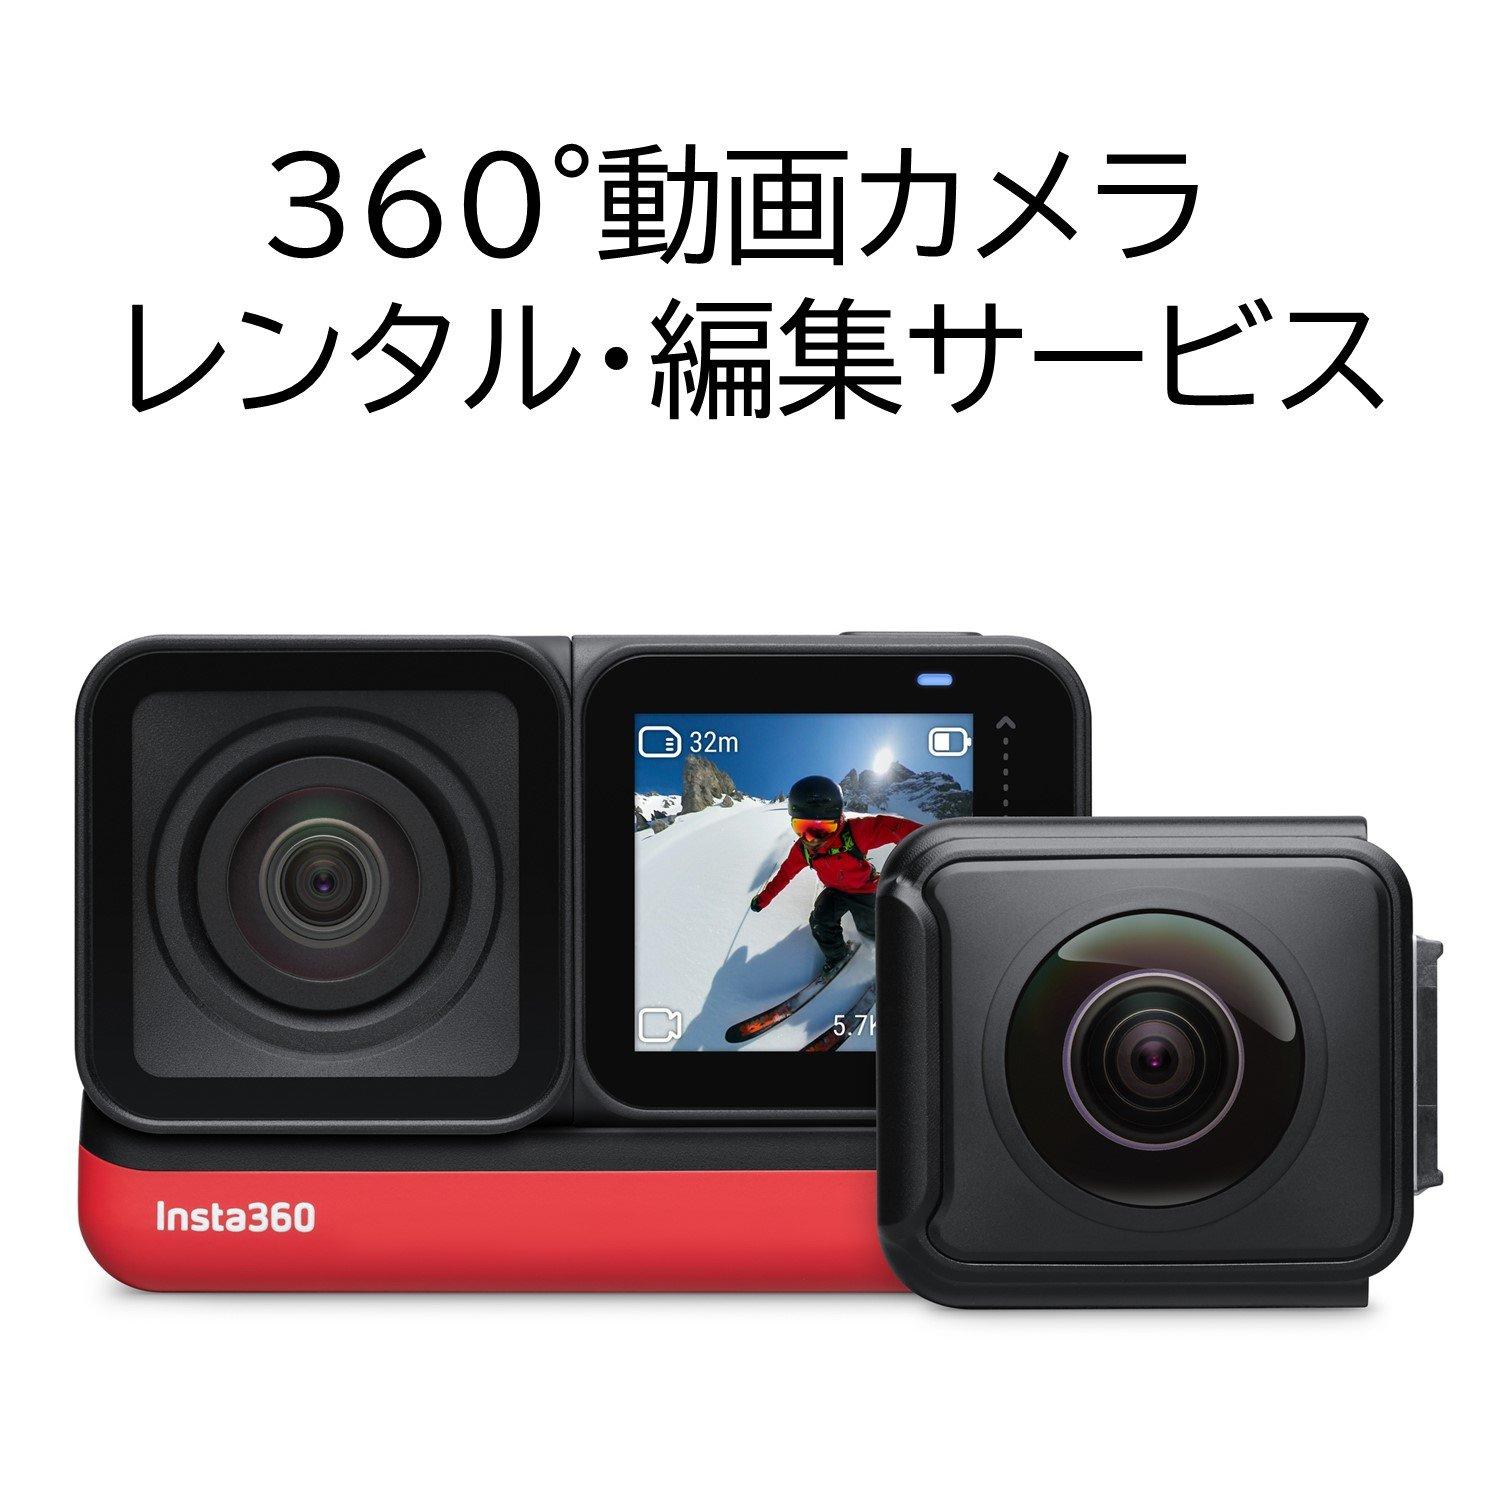 360°動画カメラ レンタル&編集サービス(2泊3日コース)のイメージその1